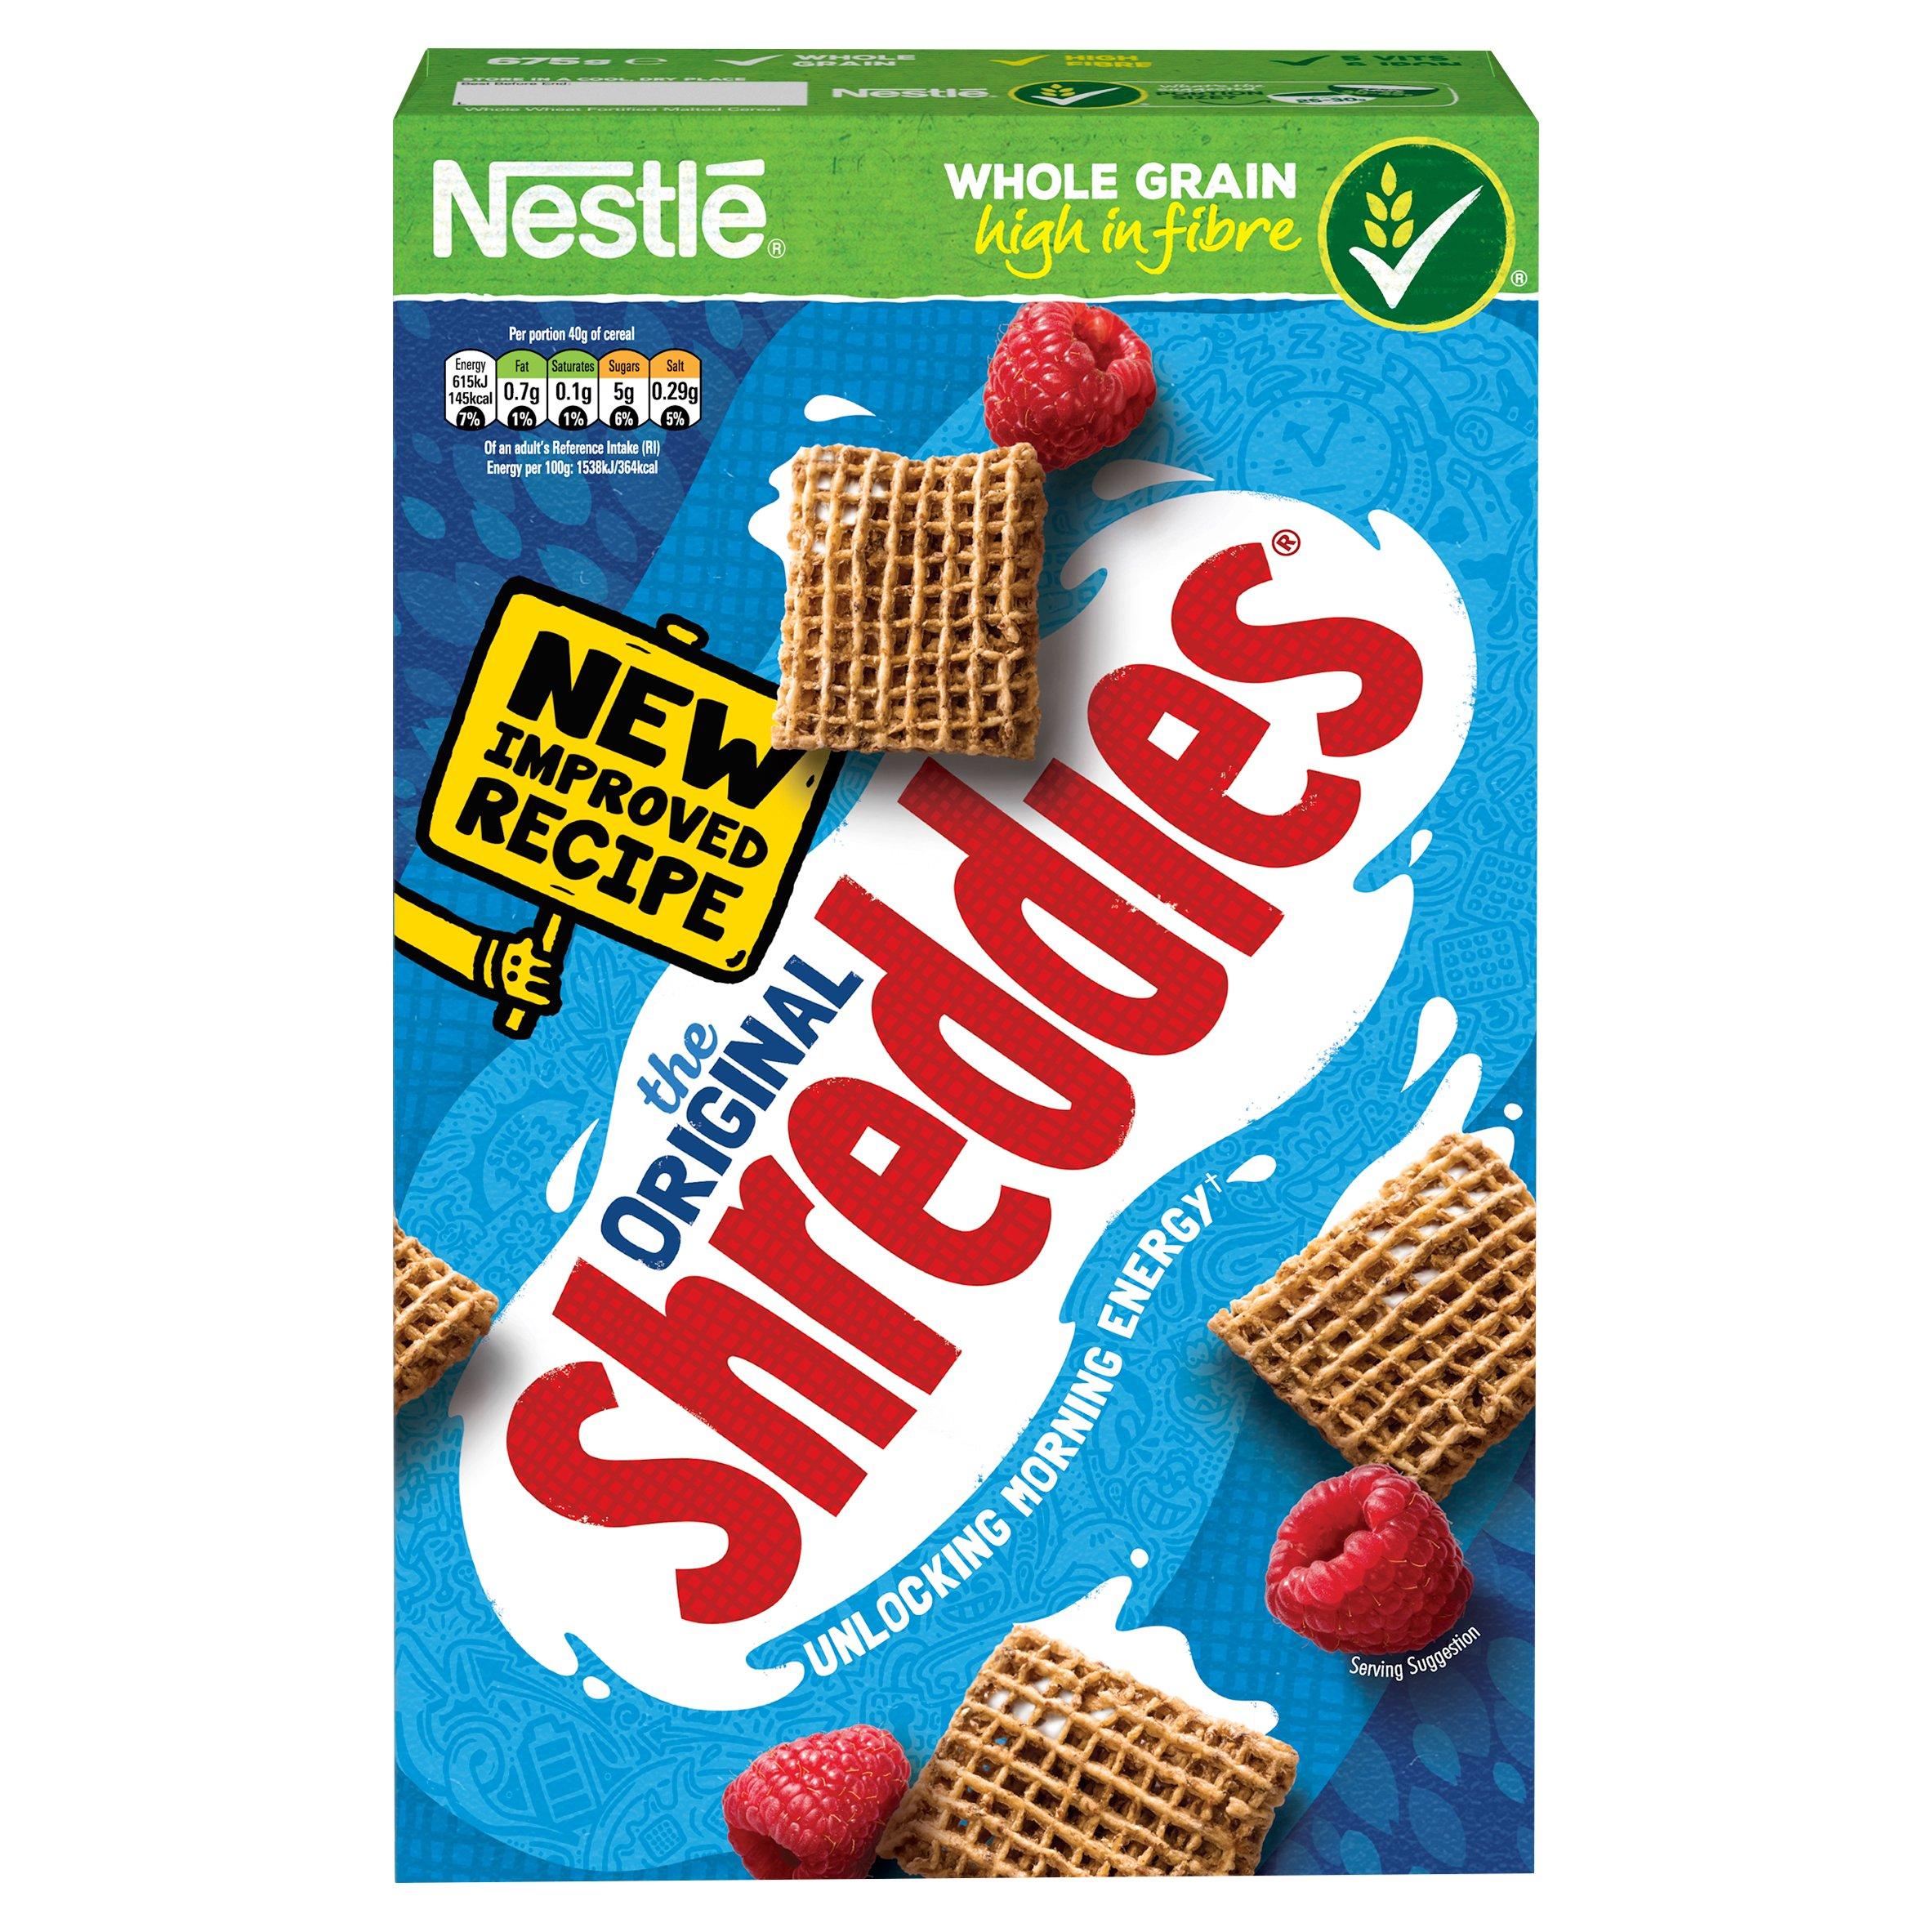 Nestle Shreddies Original Cereal 675g for £1.45 @ Tesco